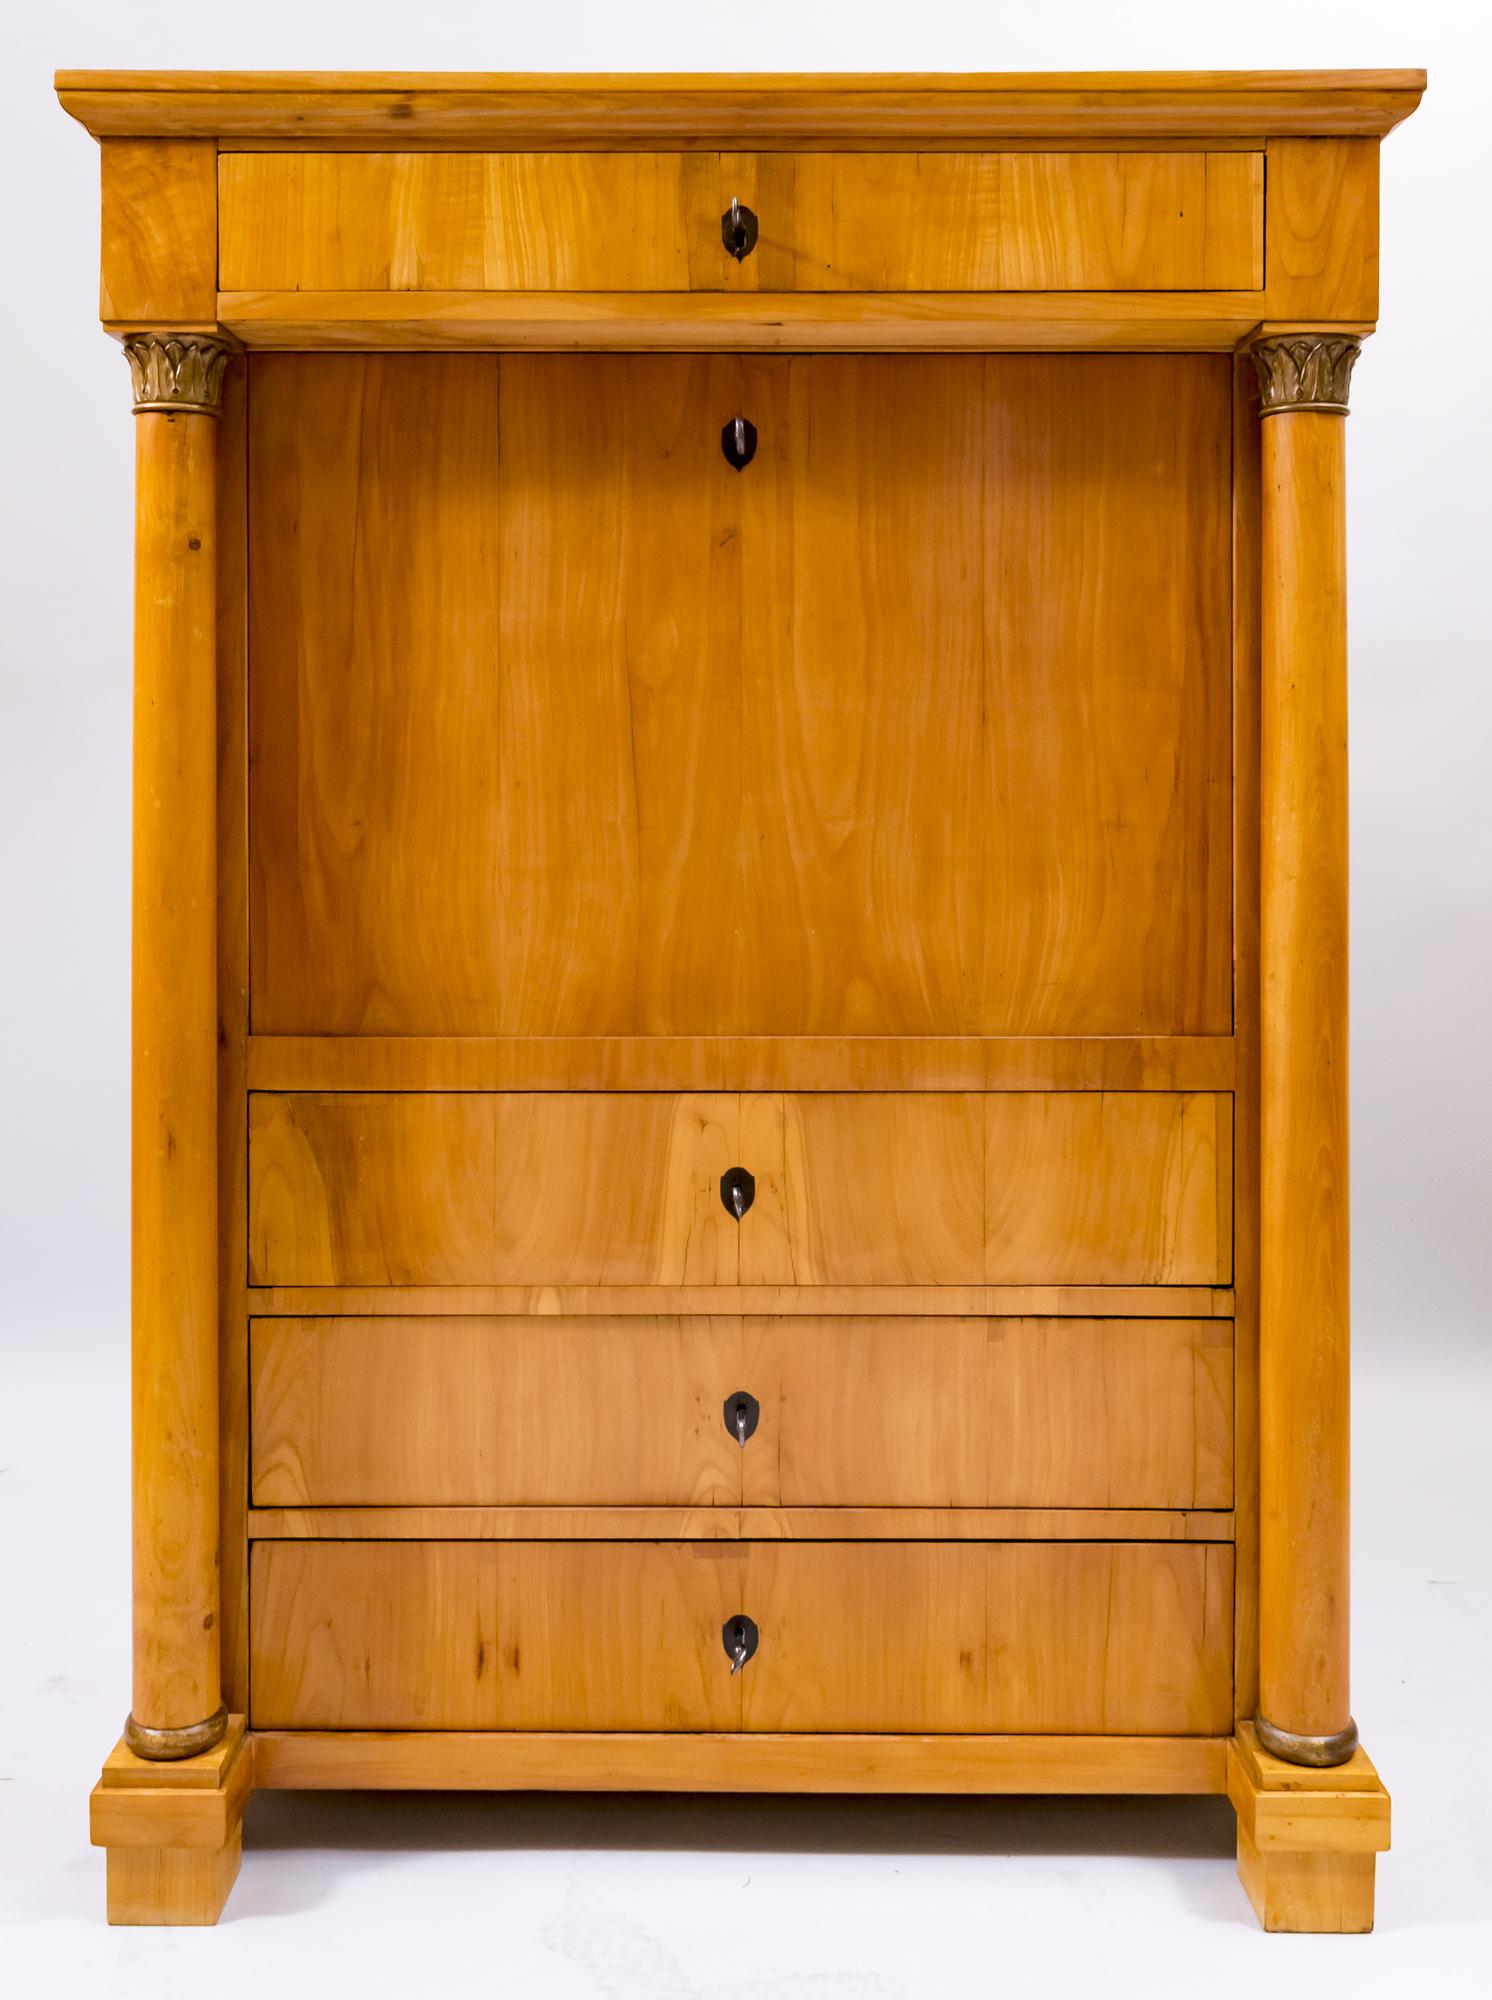 Biedermeier Sekretäre, Kommoden, Anrichten, Schränke, Stühle Tische aus Kirschbaumholz kaufen